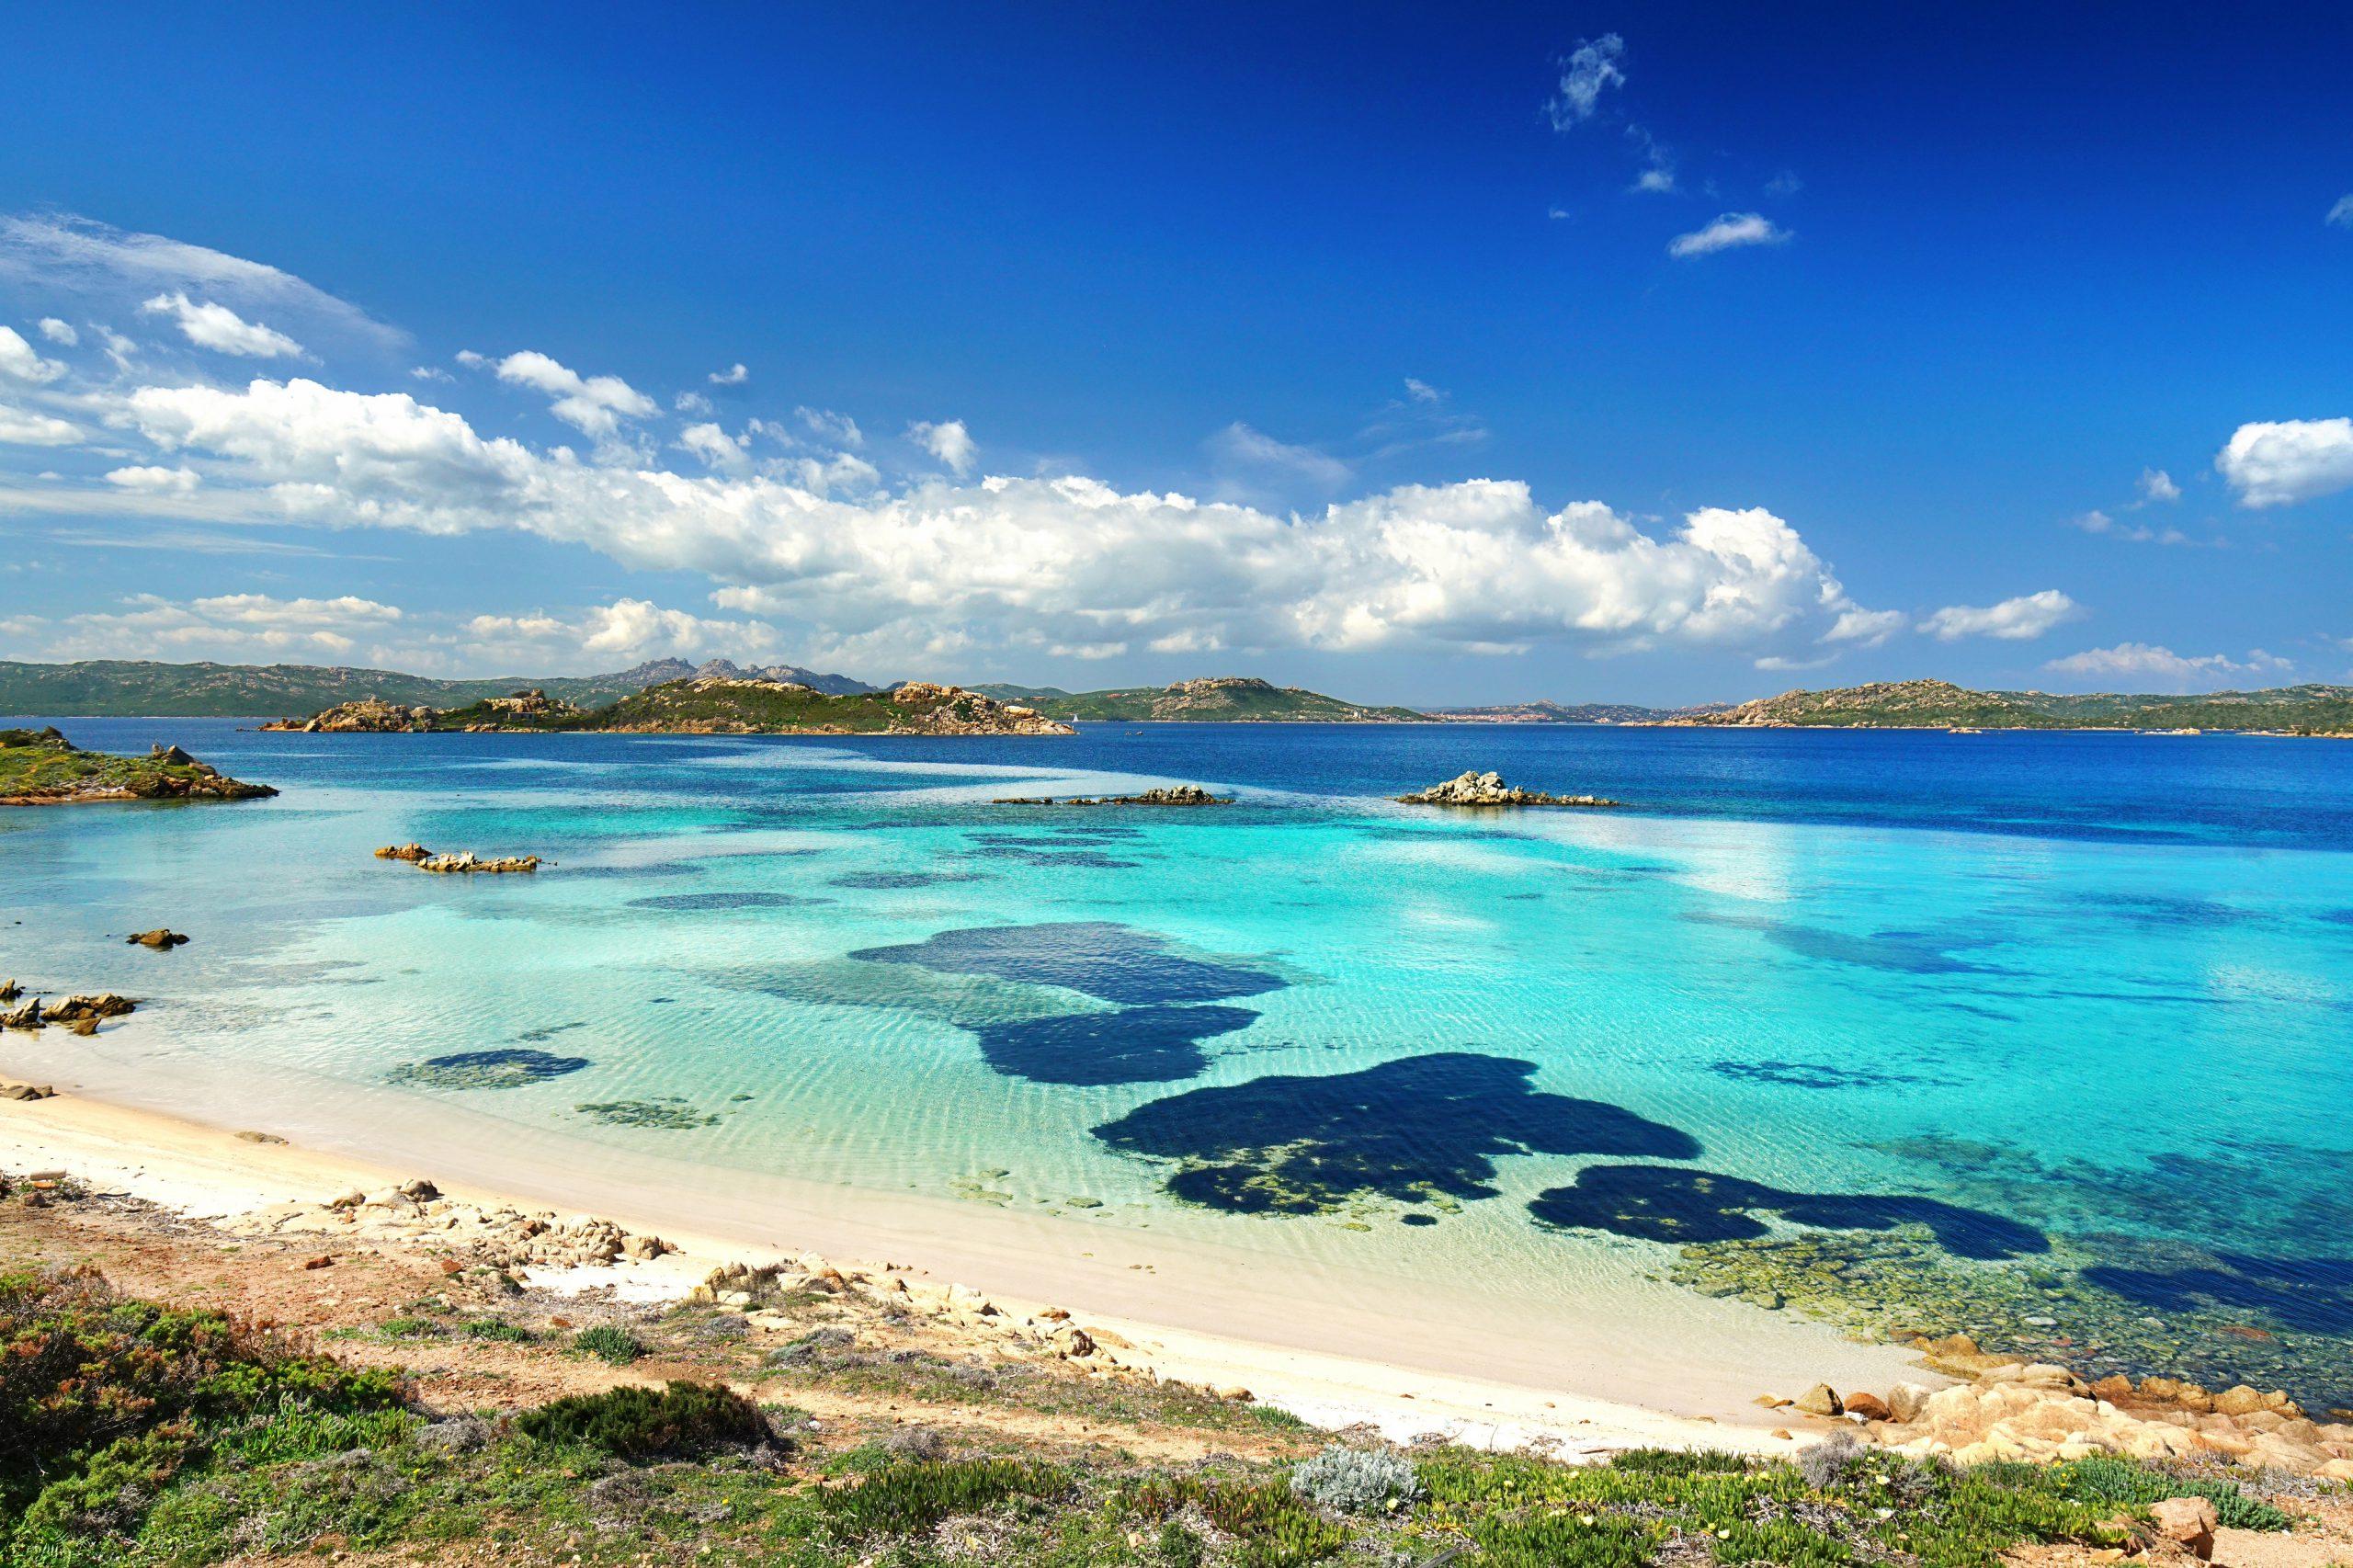 Dlaczego warto wybrać się na wakacje na Sardynię